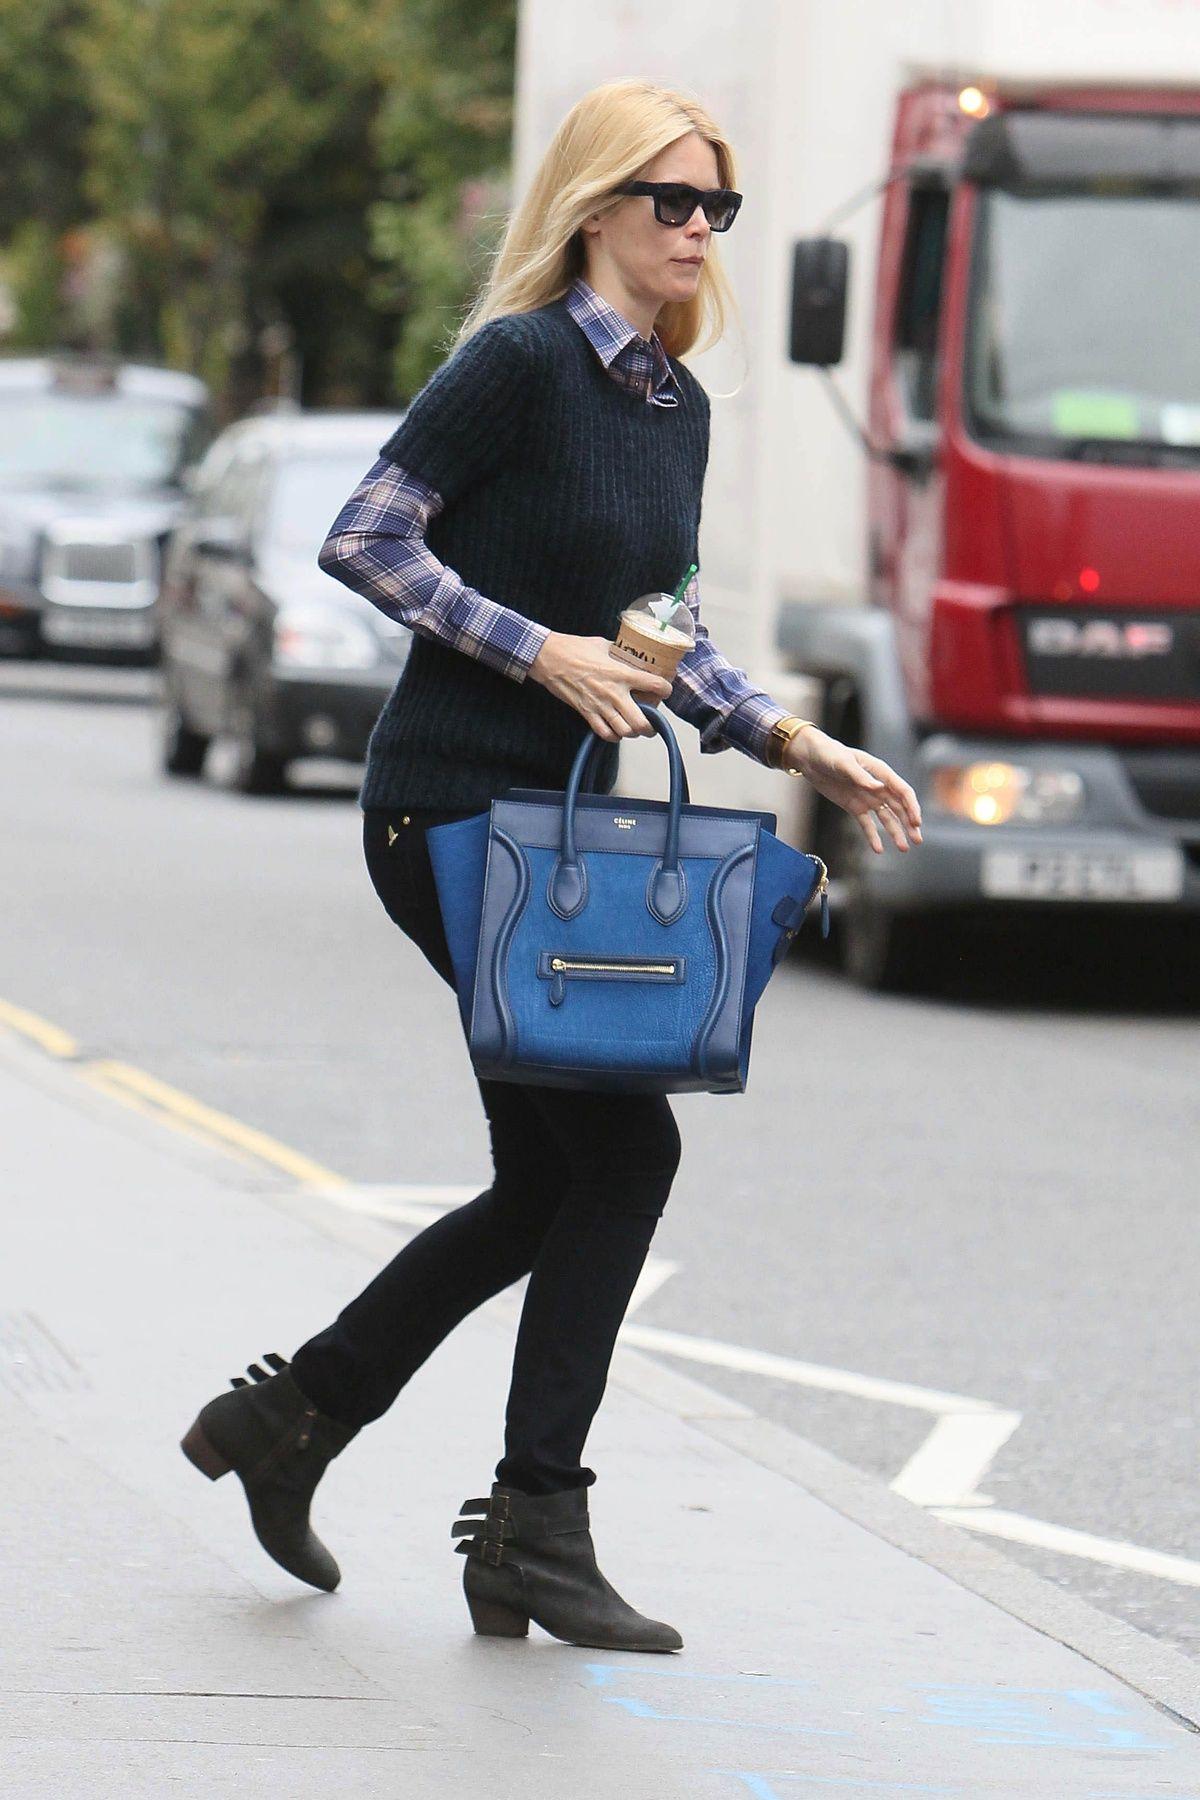 Céline Le People Luggage Obsession De Sac qX8HFPw4